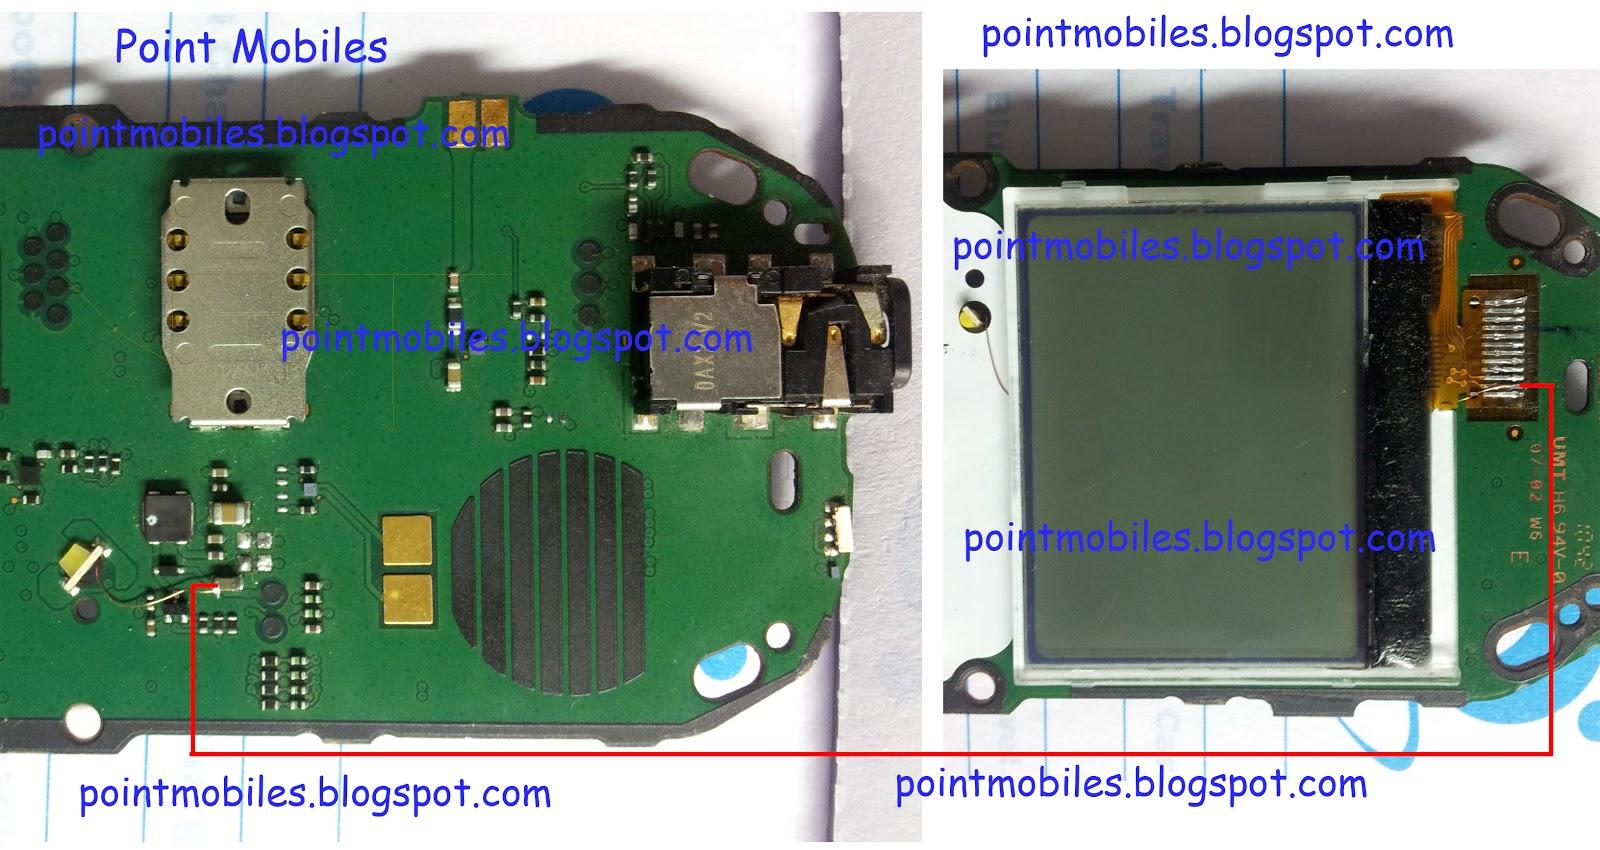 Point Mobiles  Nokia 1280 Display Light Ways